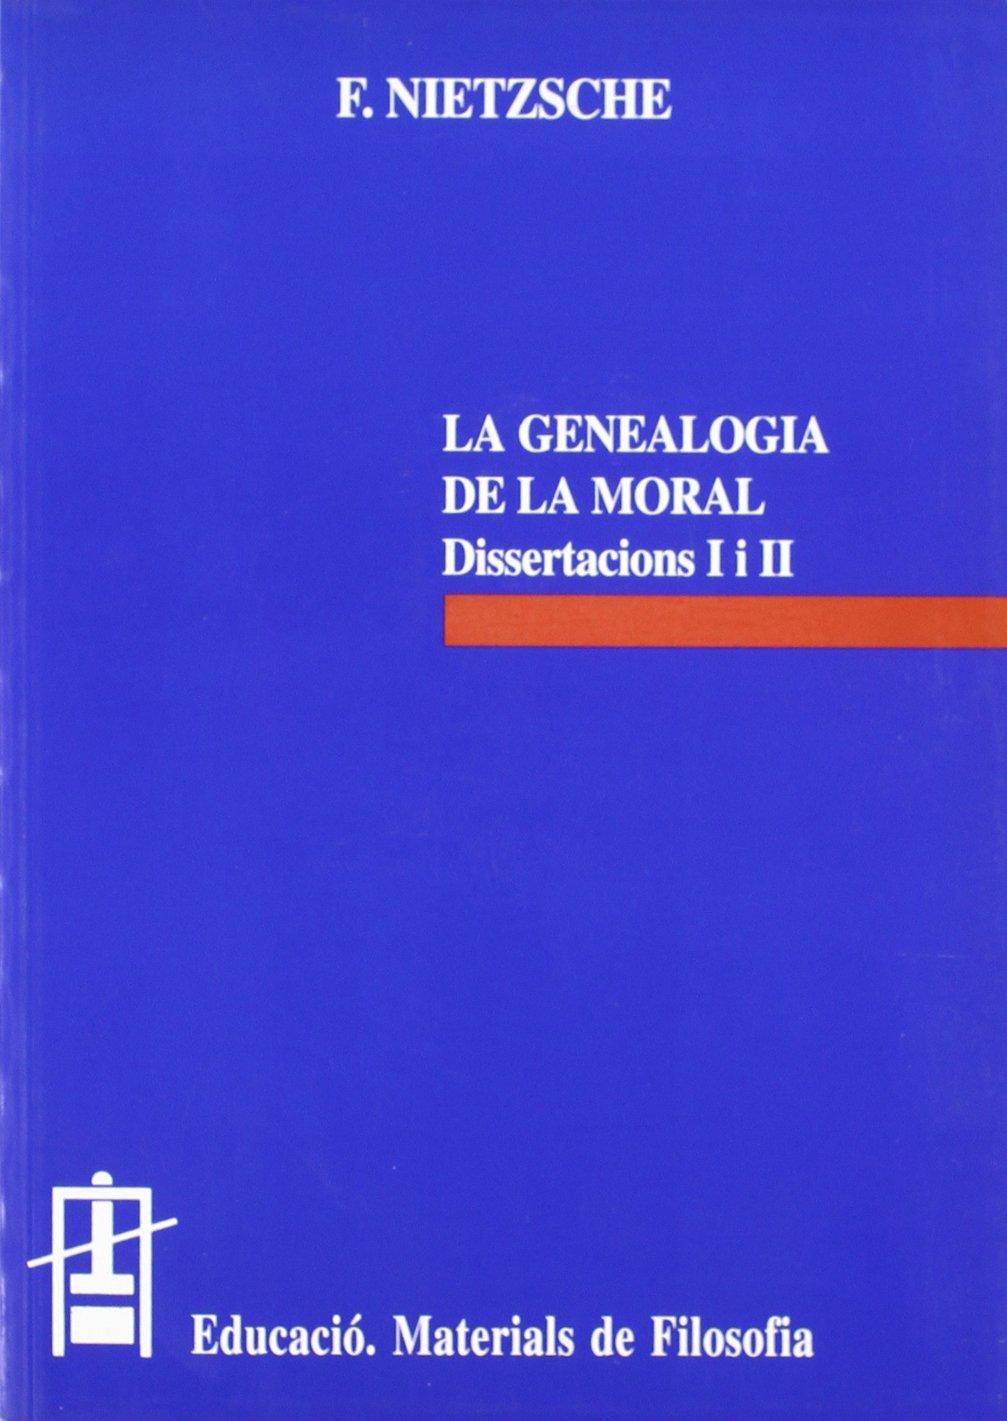 La genealogia de la moral (Dissertacions I i II) (Spanish) Paperback